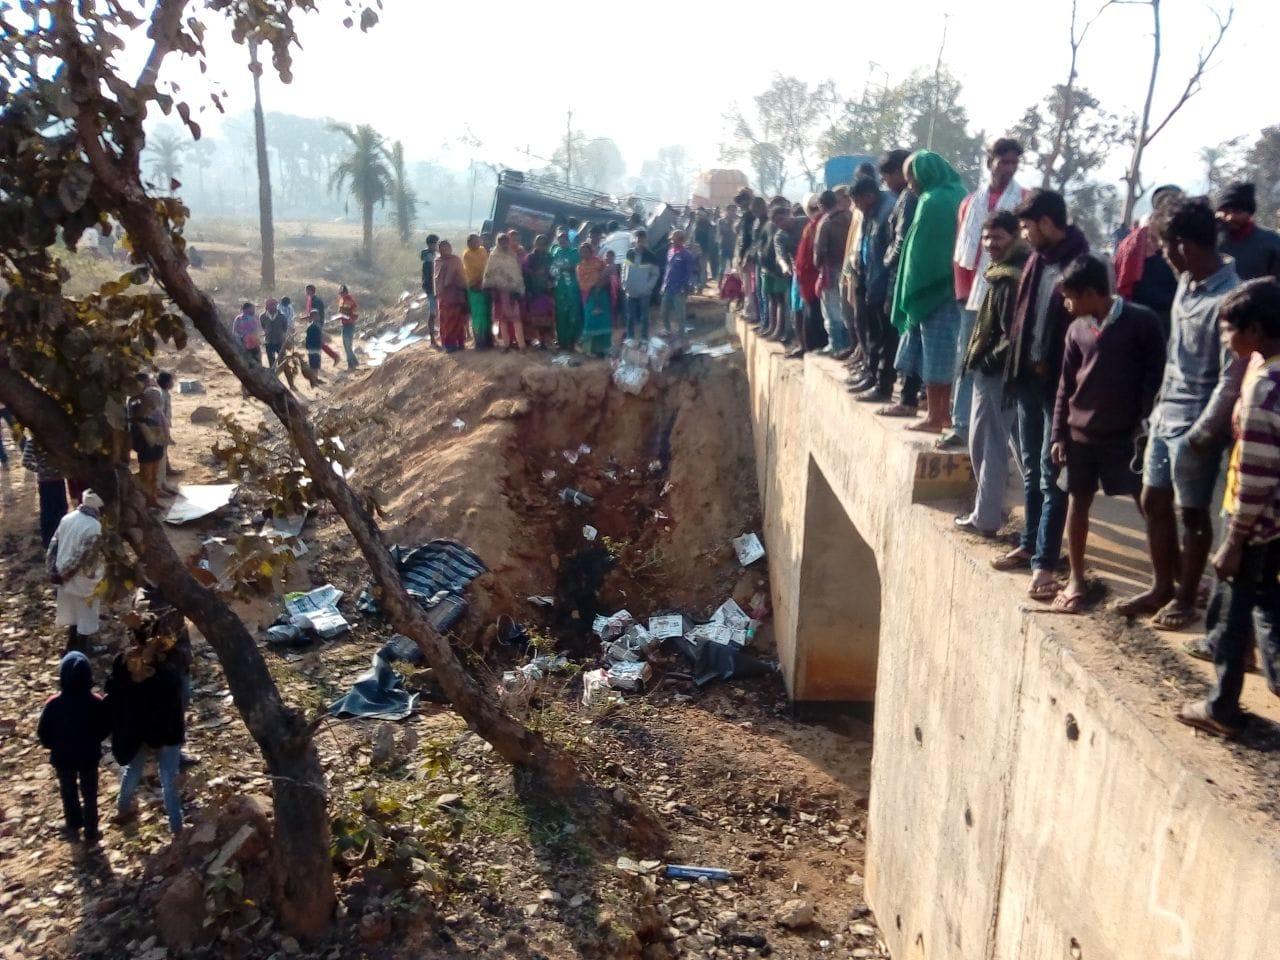 <p>भागलपुर-दुमका&nbsp;मुख्य मार्ग पर सड़क हादसे में 8 लोगों की मौत हो गयी |&nbsp;झारखंड के जामा थाना क्षेत्र के लगला गांव के पास अखबार लदा एक कमांडर जीप तड़के 4 बजे गड्ढे में गिर गया&#8230;